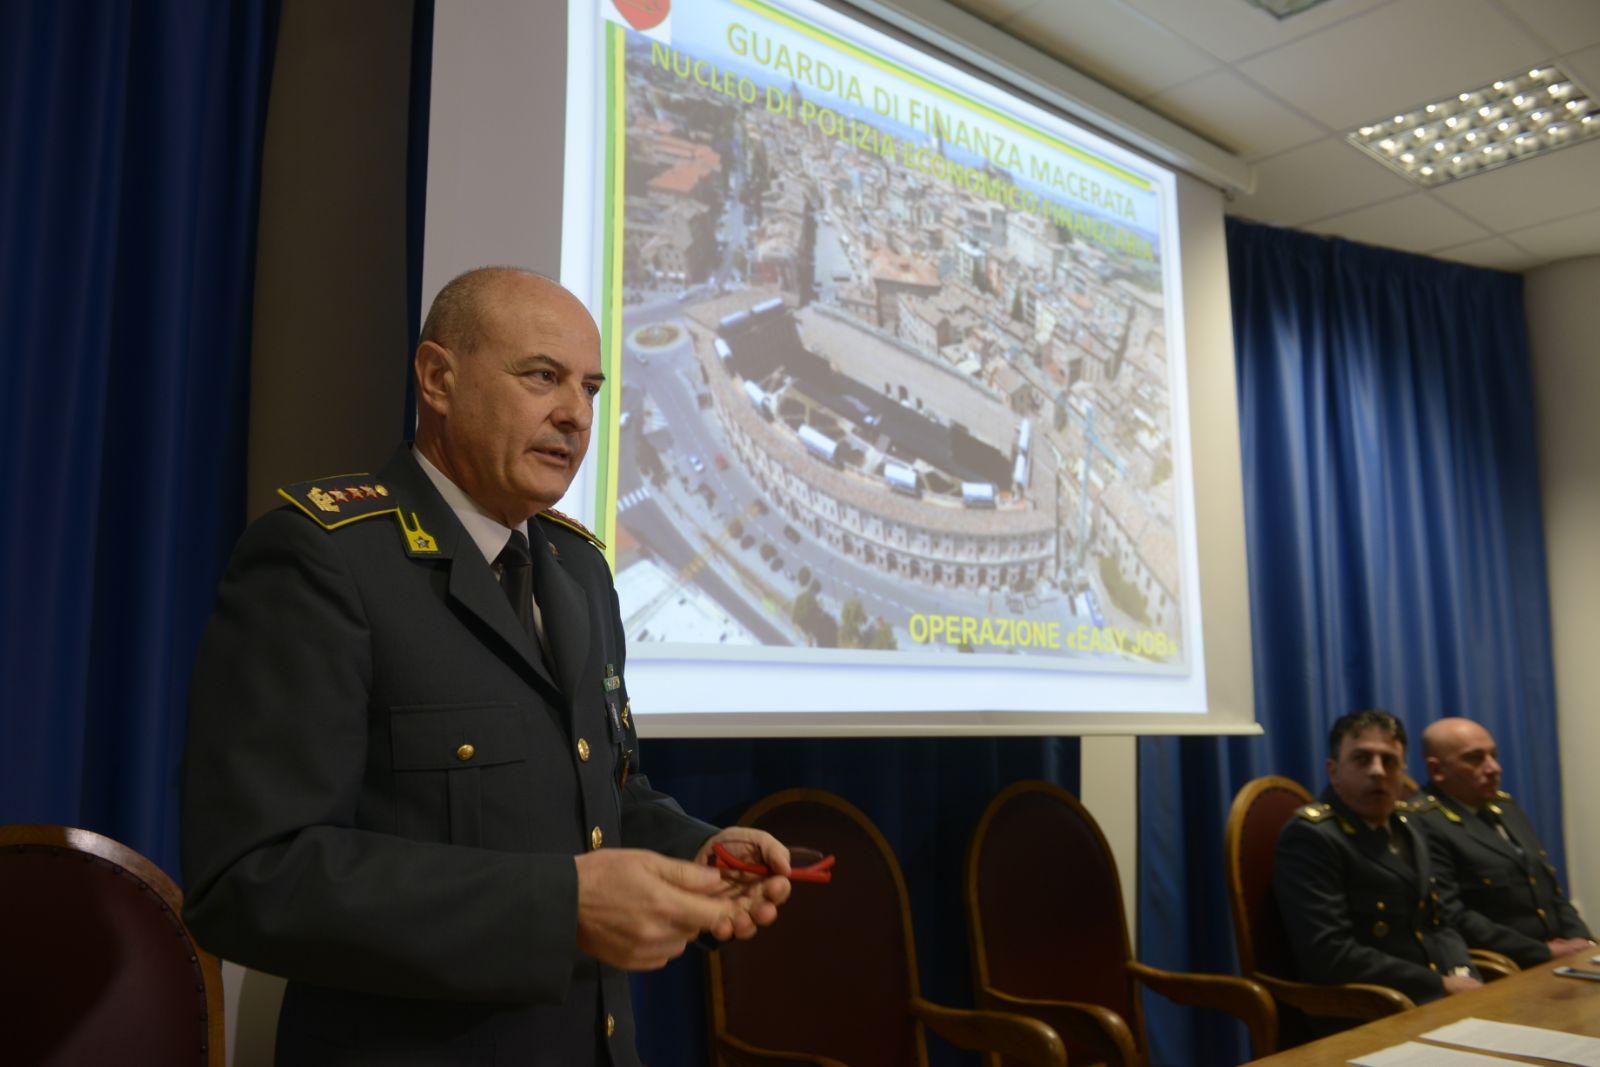 Assumono 776 persone senza autorizzazione: denunciati dalla GdF 53 dirigenti Regione Marche